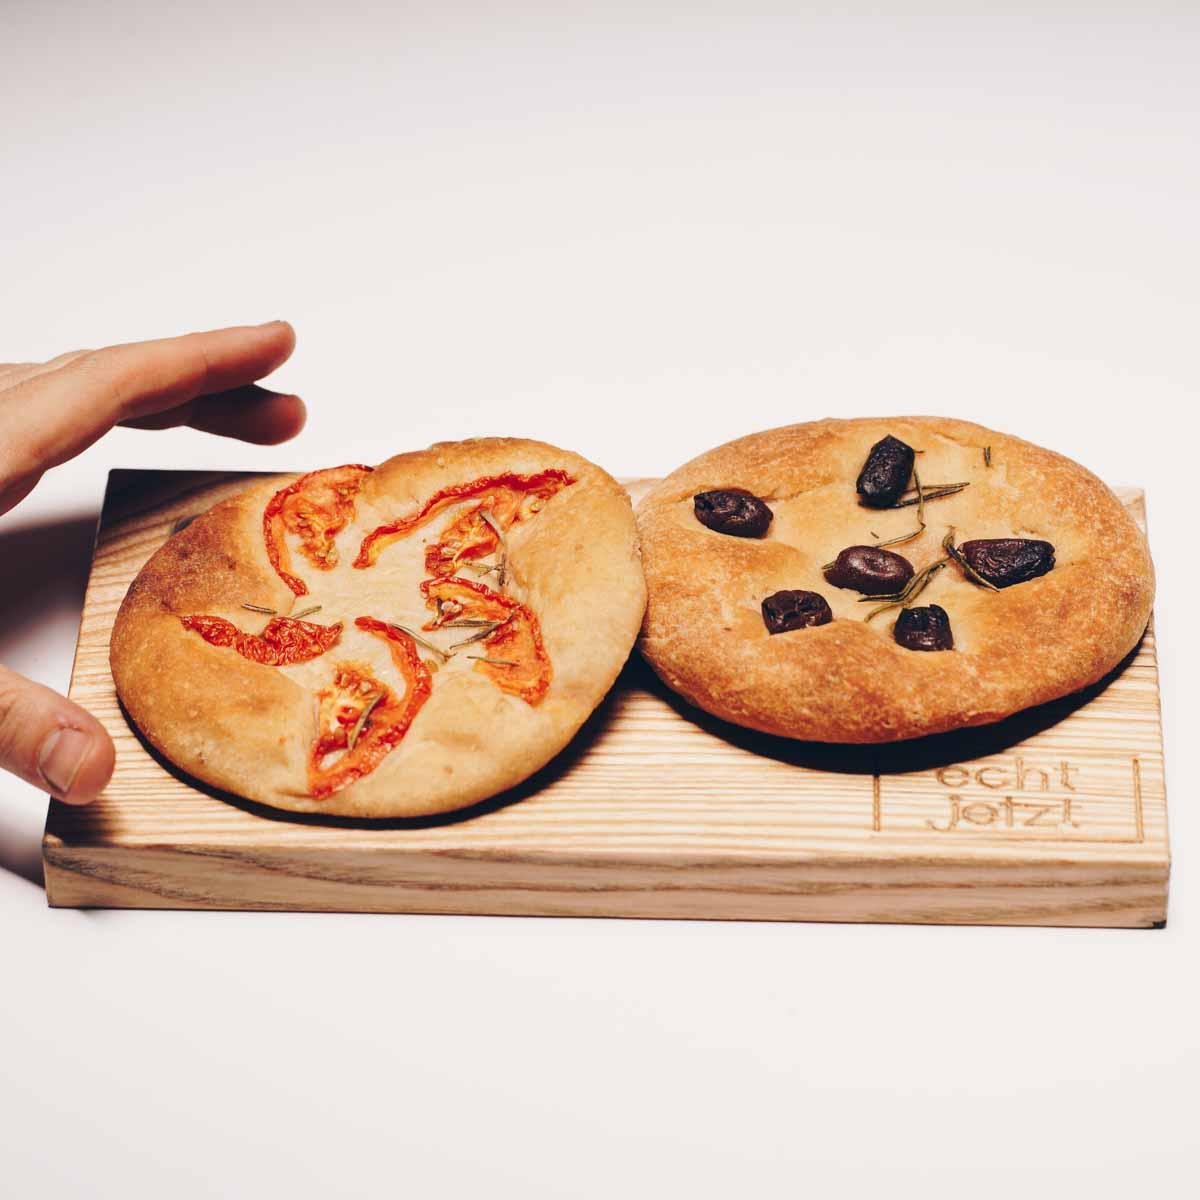 Echt Jetzt Glutenfreies Bio-Brot München--5